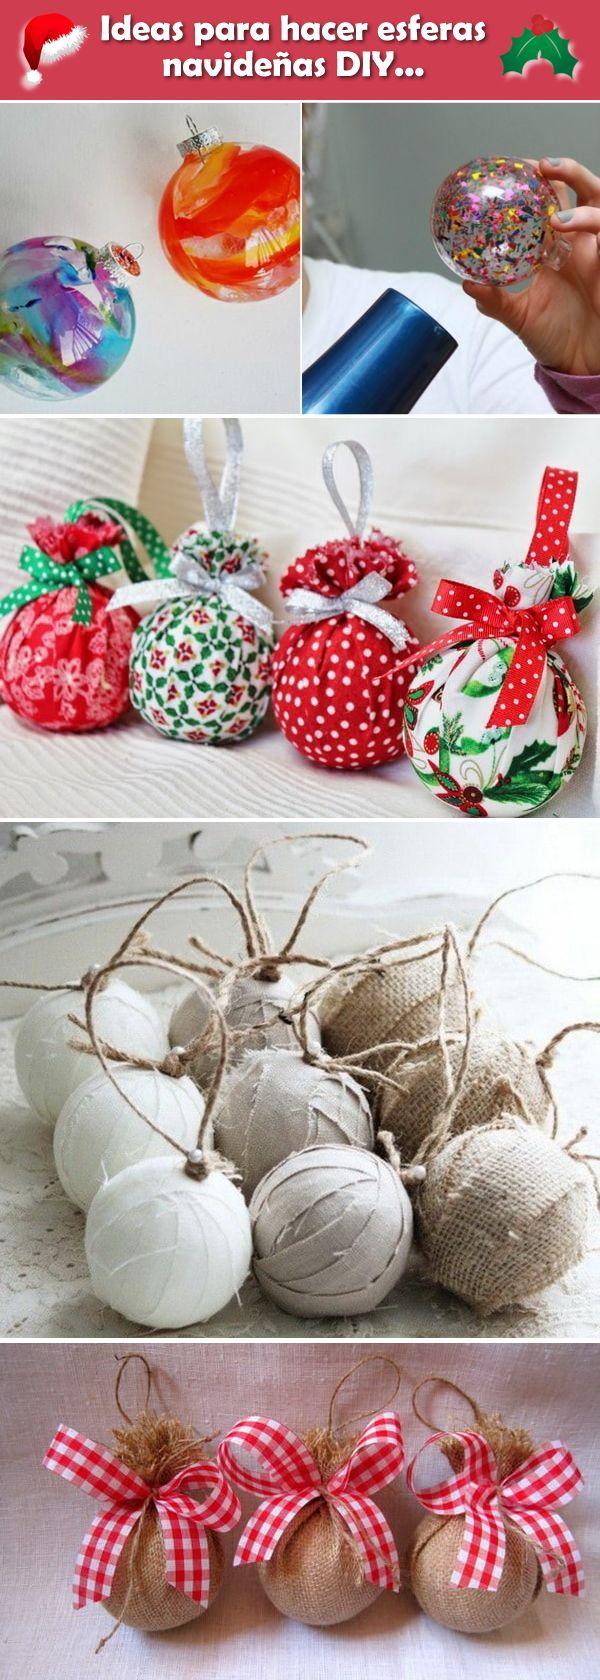 Esferas navideñas DIY. Bolas de Navidad caseras. Ideas para hacer tus propias esferas navideñas.